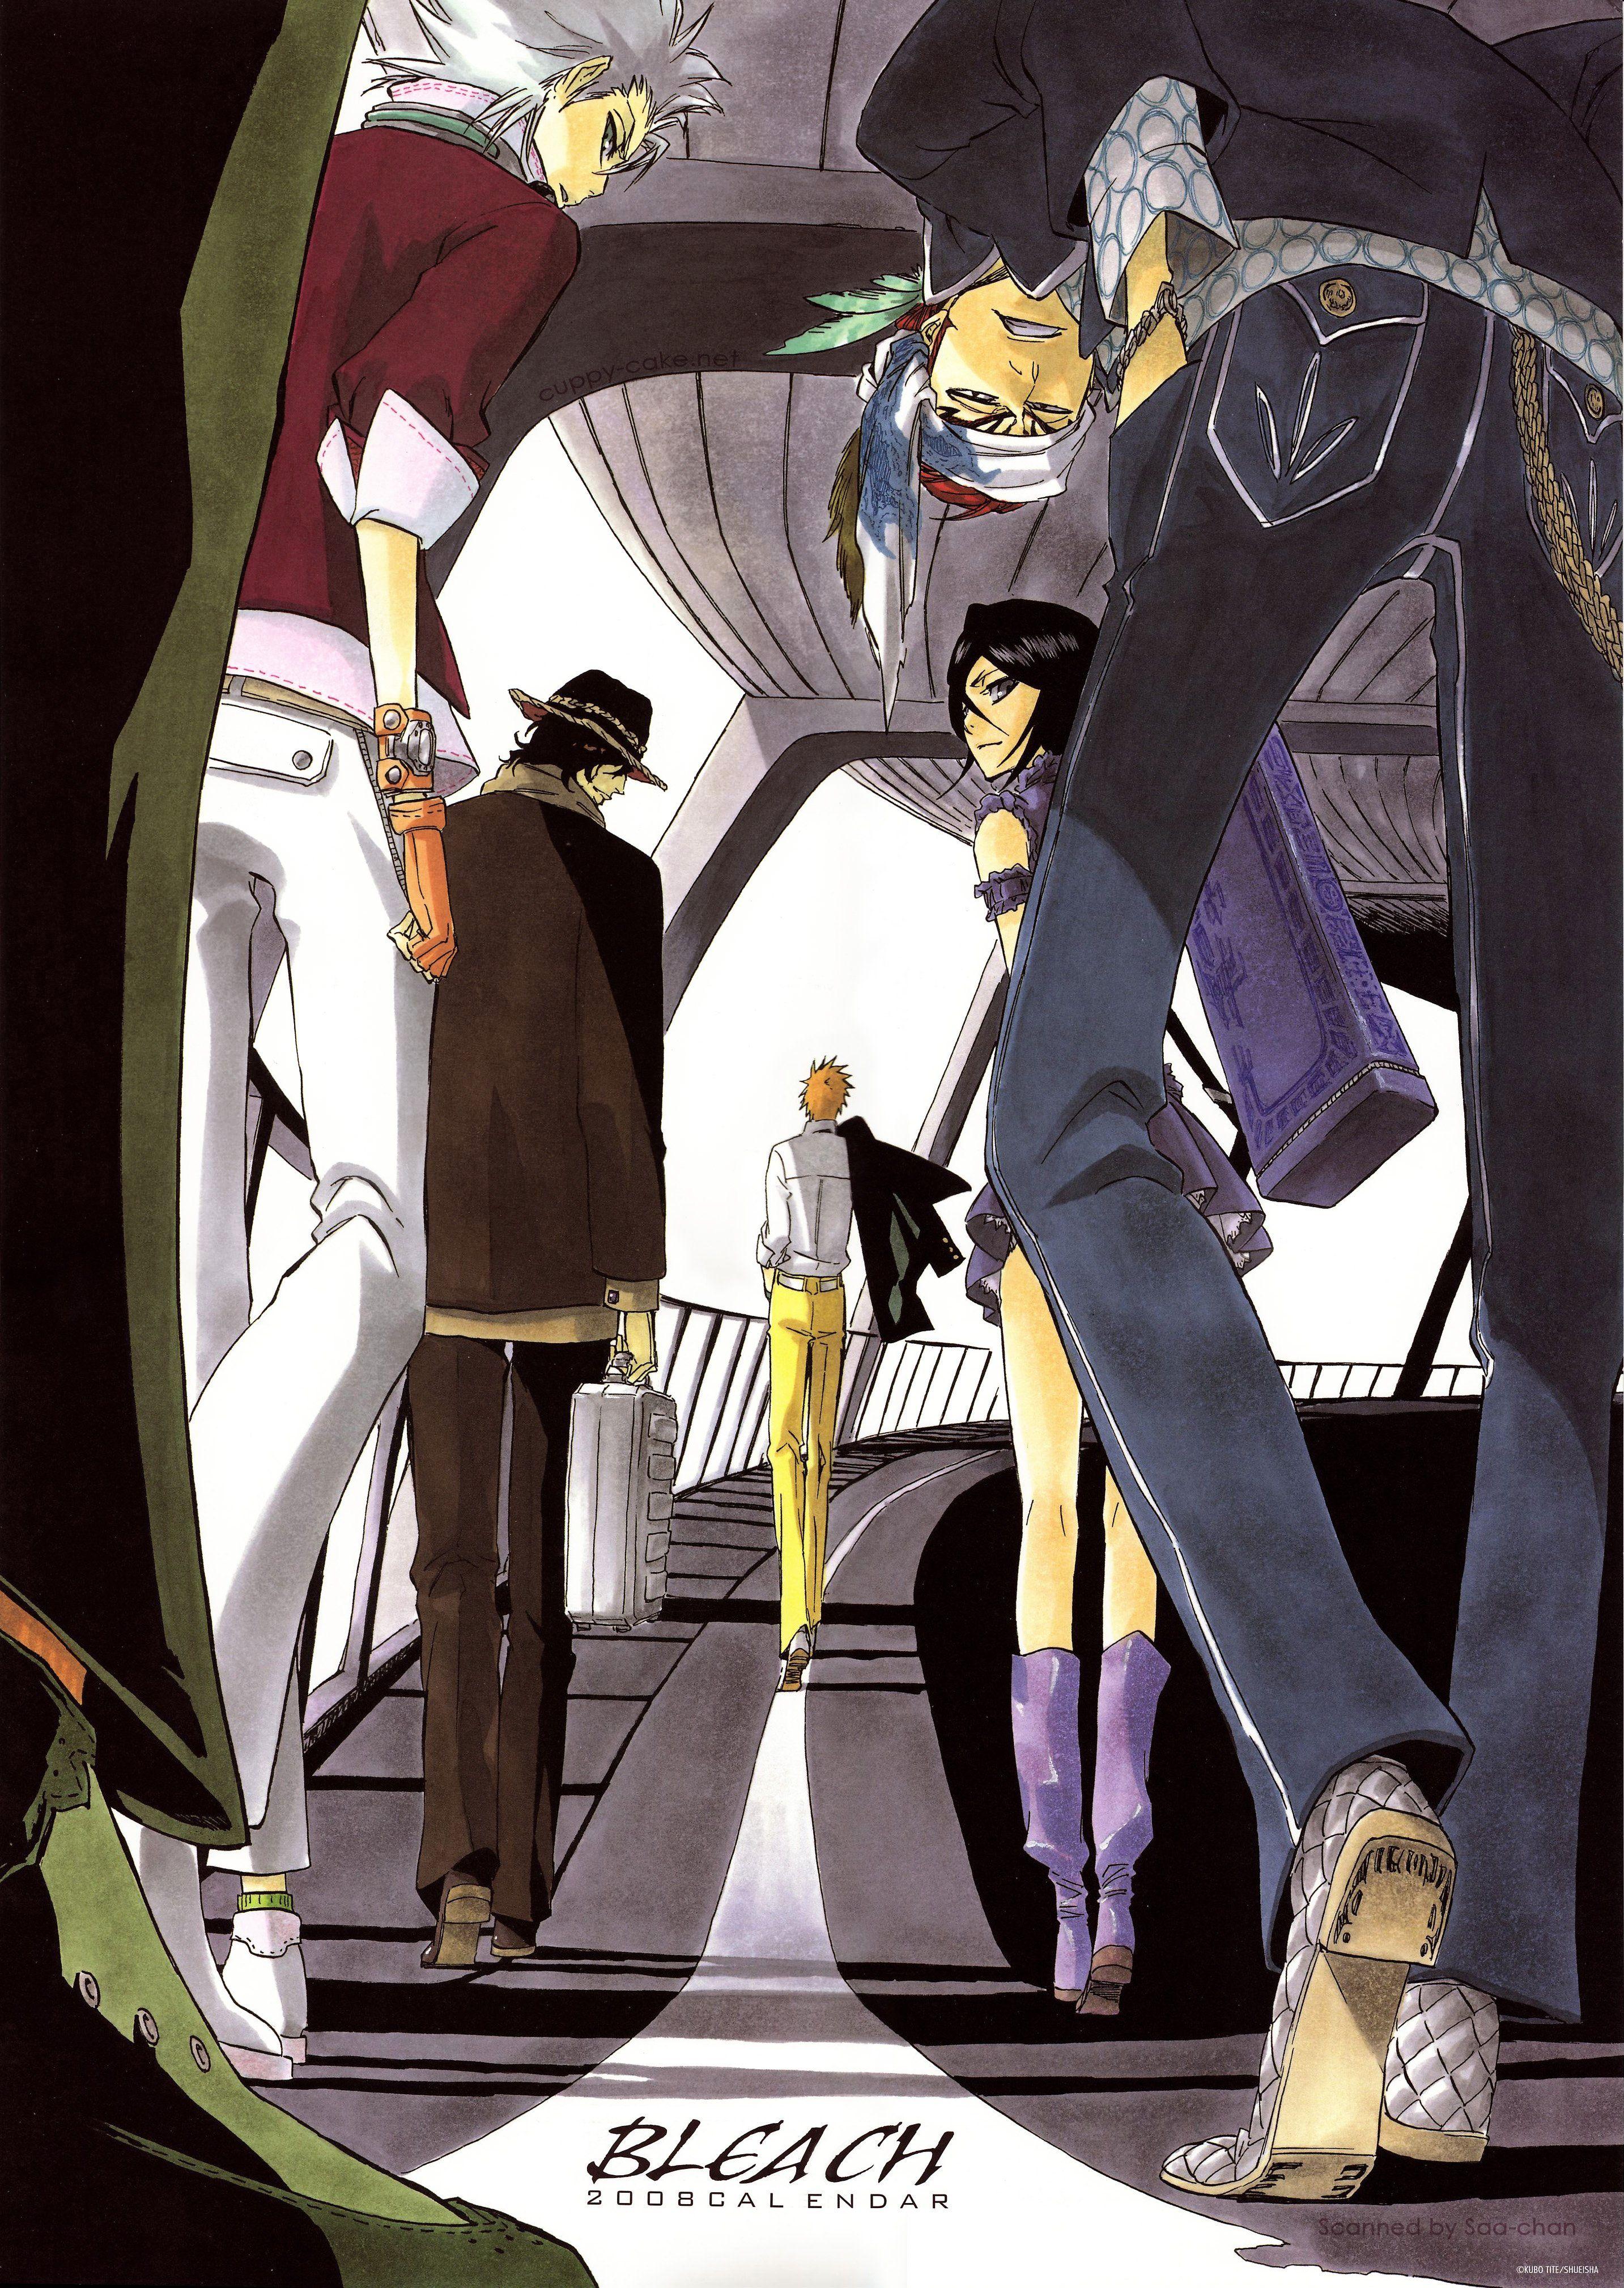 Pin By Aaron Jones On Anime Bleach Anime Bleach Characters Bleach Rukia